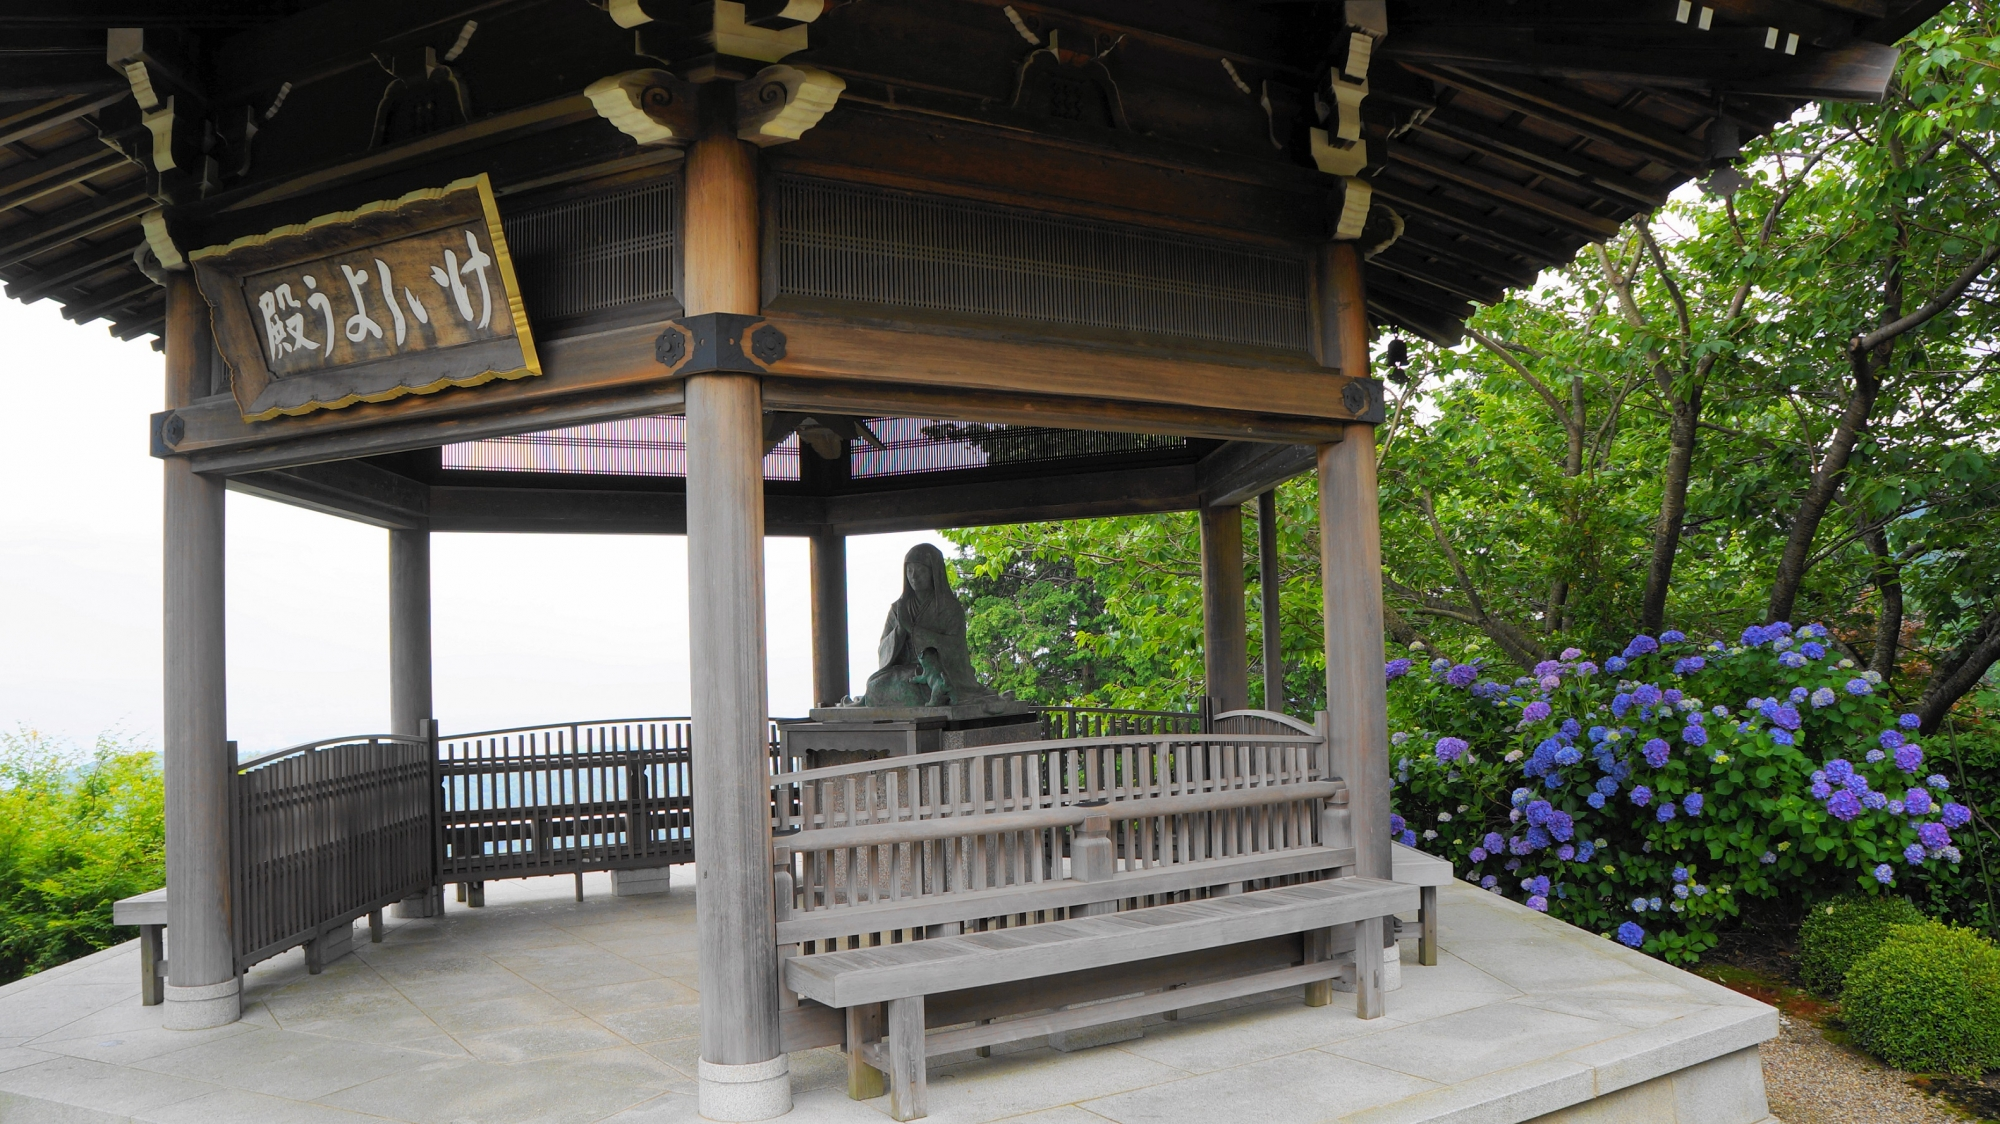 善峯寺のけいしょう殿に咲く紫陽花